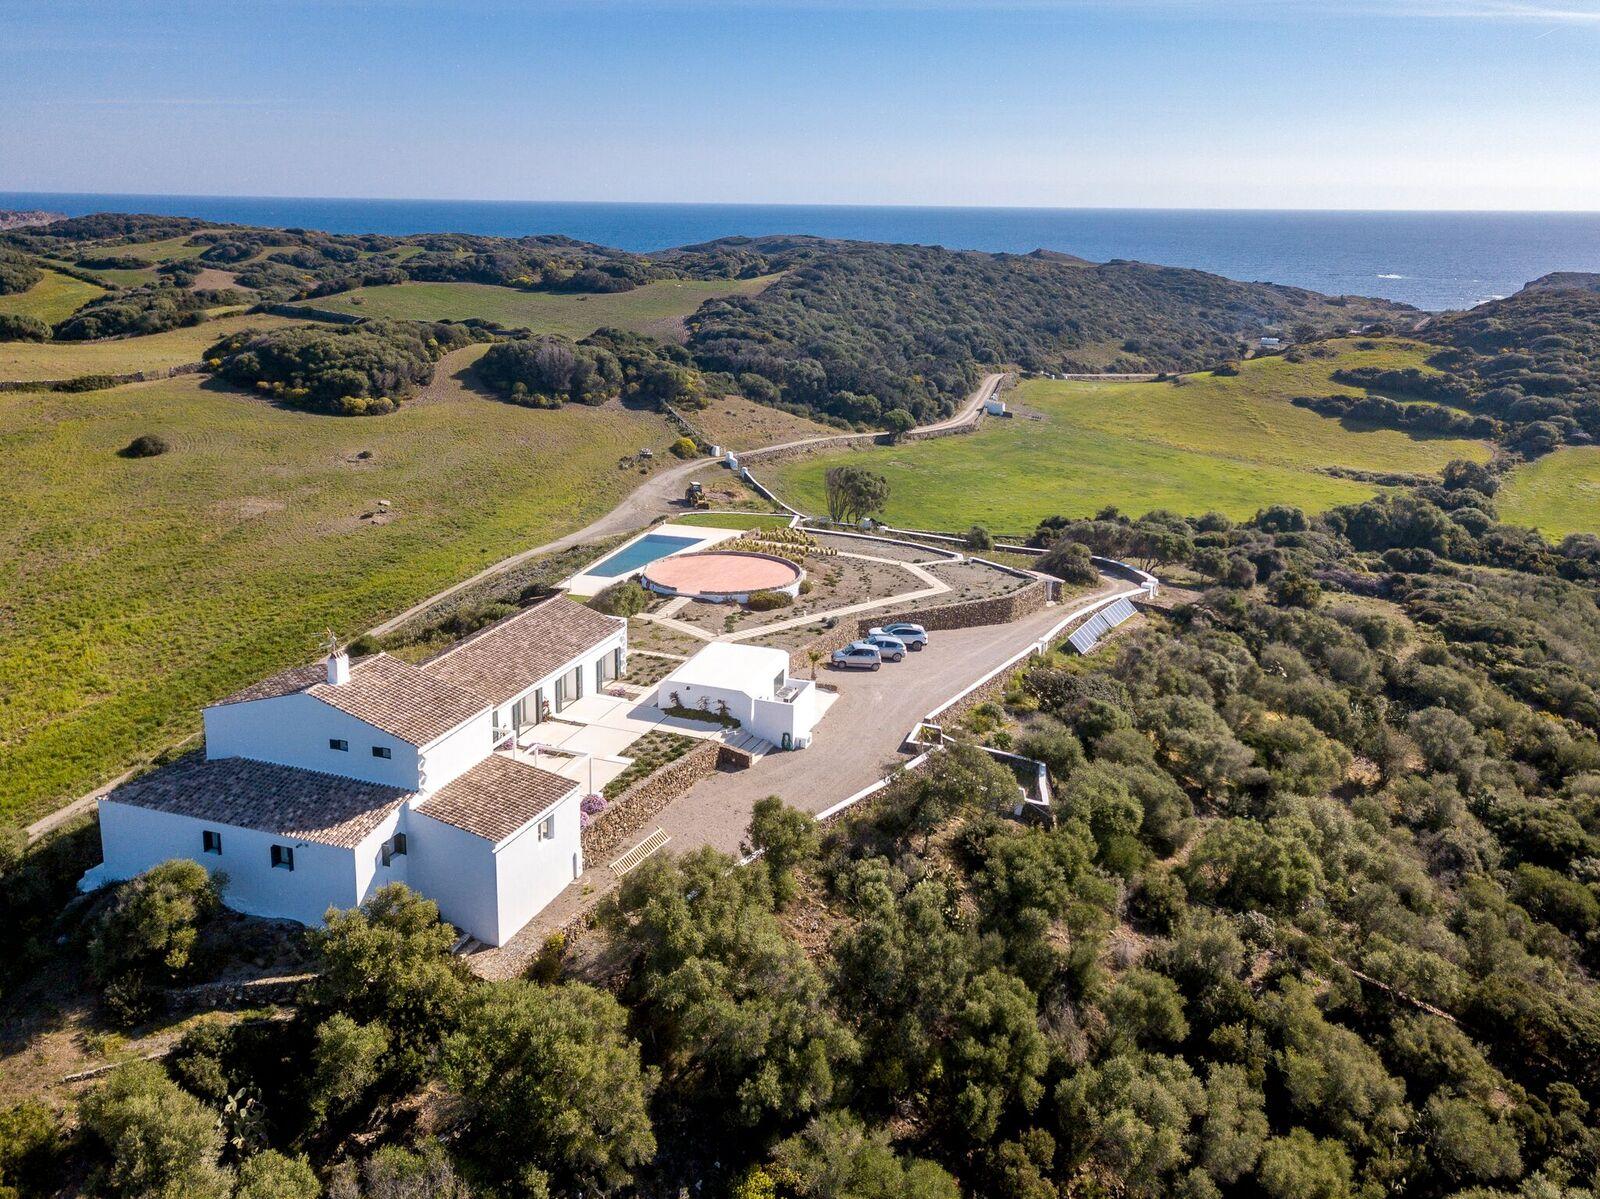 Tenuta di campagna di lusso con spiaggia privata